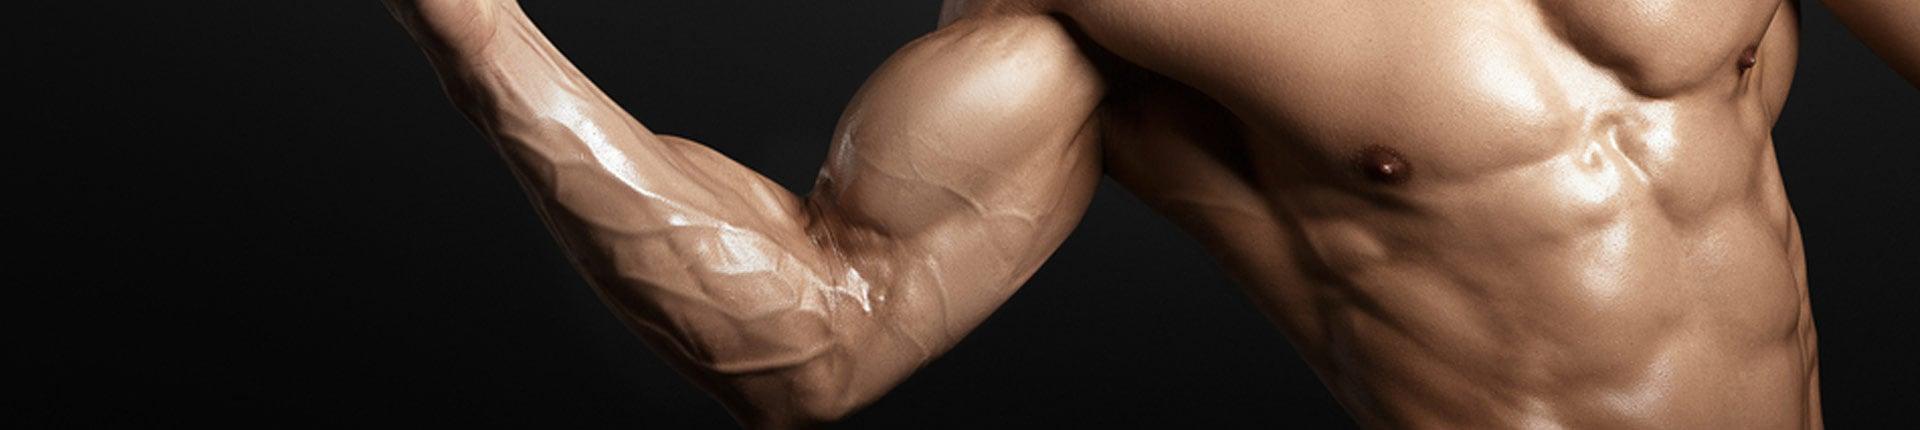 10 ćwiczeń na przedramiona bez siłowni i dodatkowego obciążenia